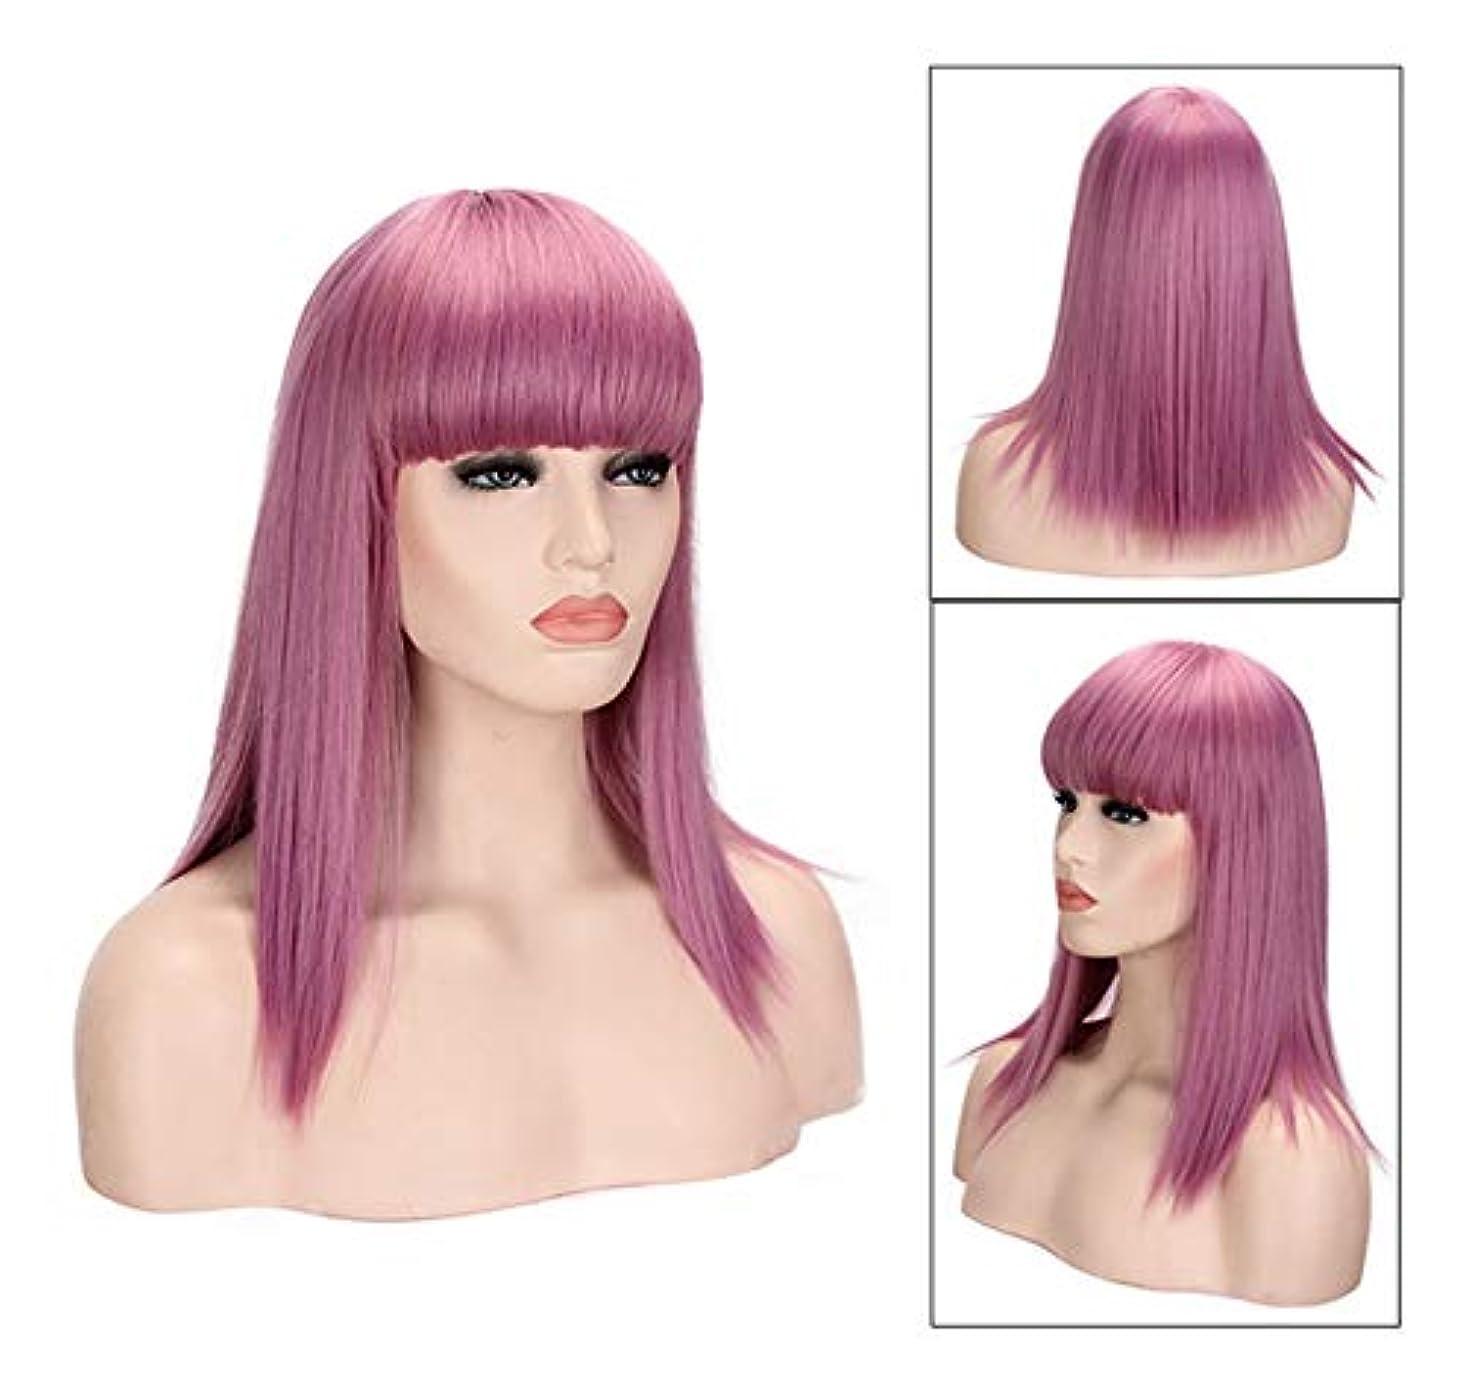 数学転送前進女性用フルウィッグ、コスプレパーティーデイリードレスのヘアピースの前髪と自然なピンク合成ミディアムロングストレートの髪